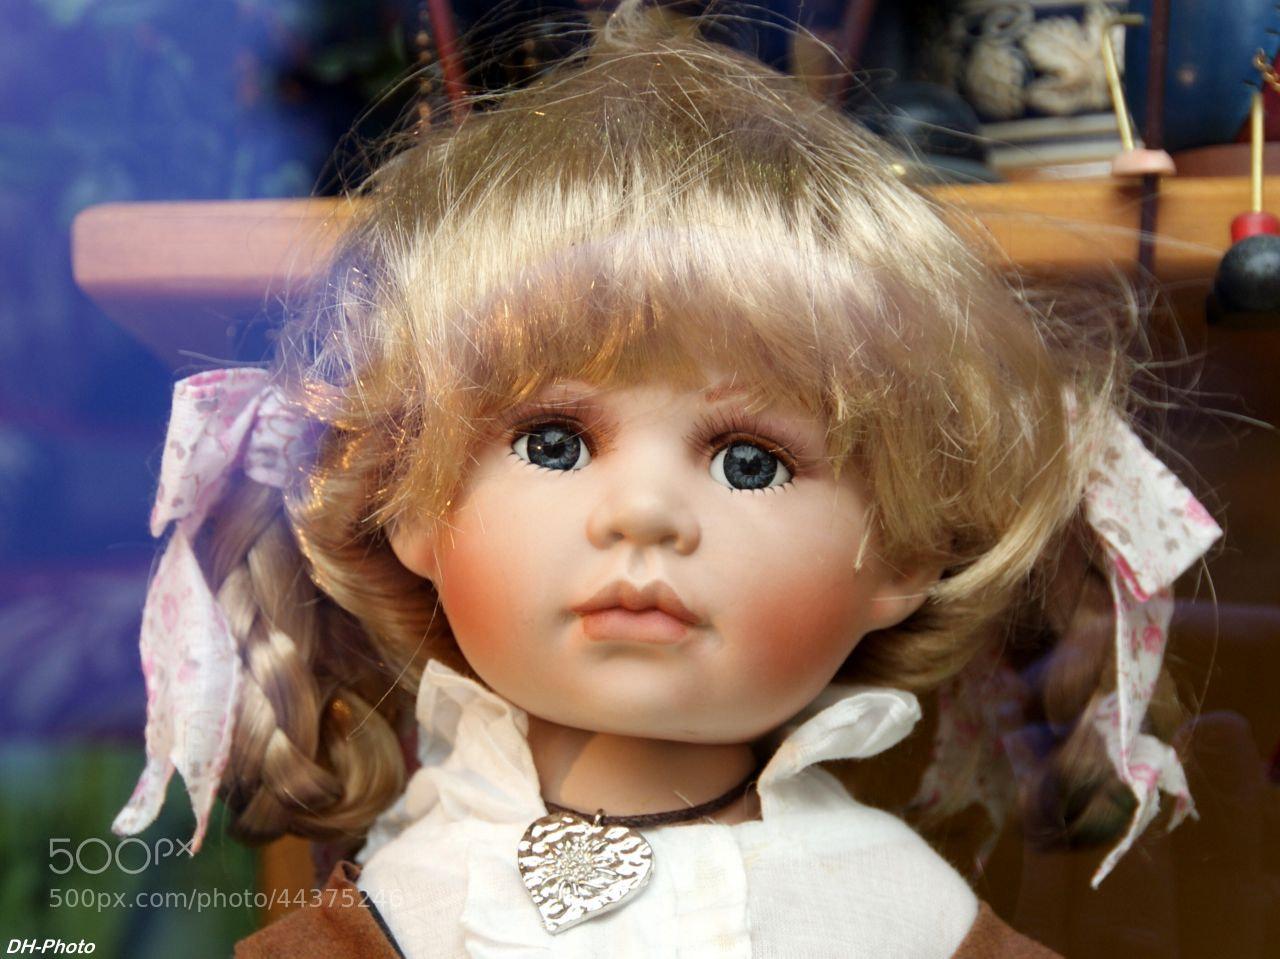 Photograph child's doll in shop windows by Klaus Heinemann on 500px